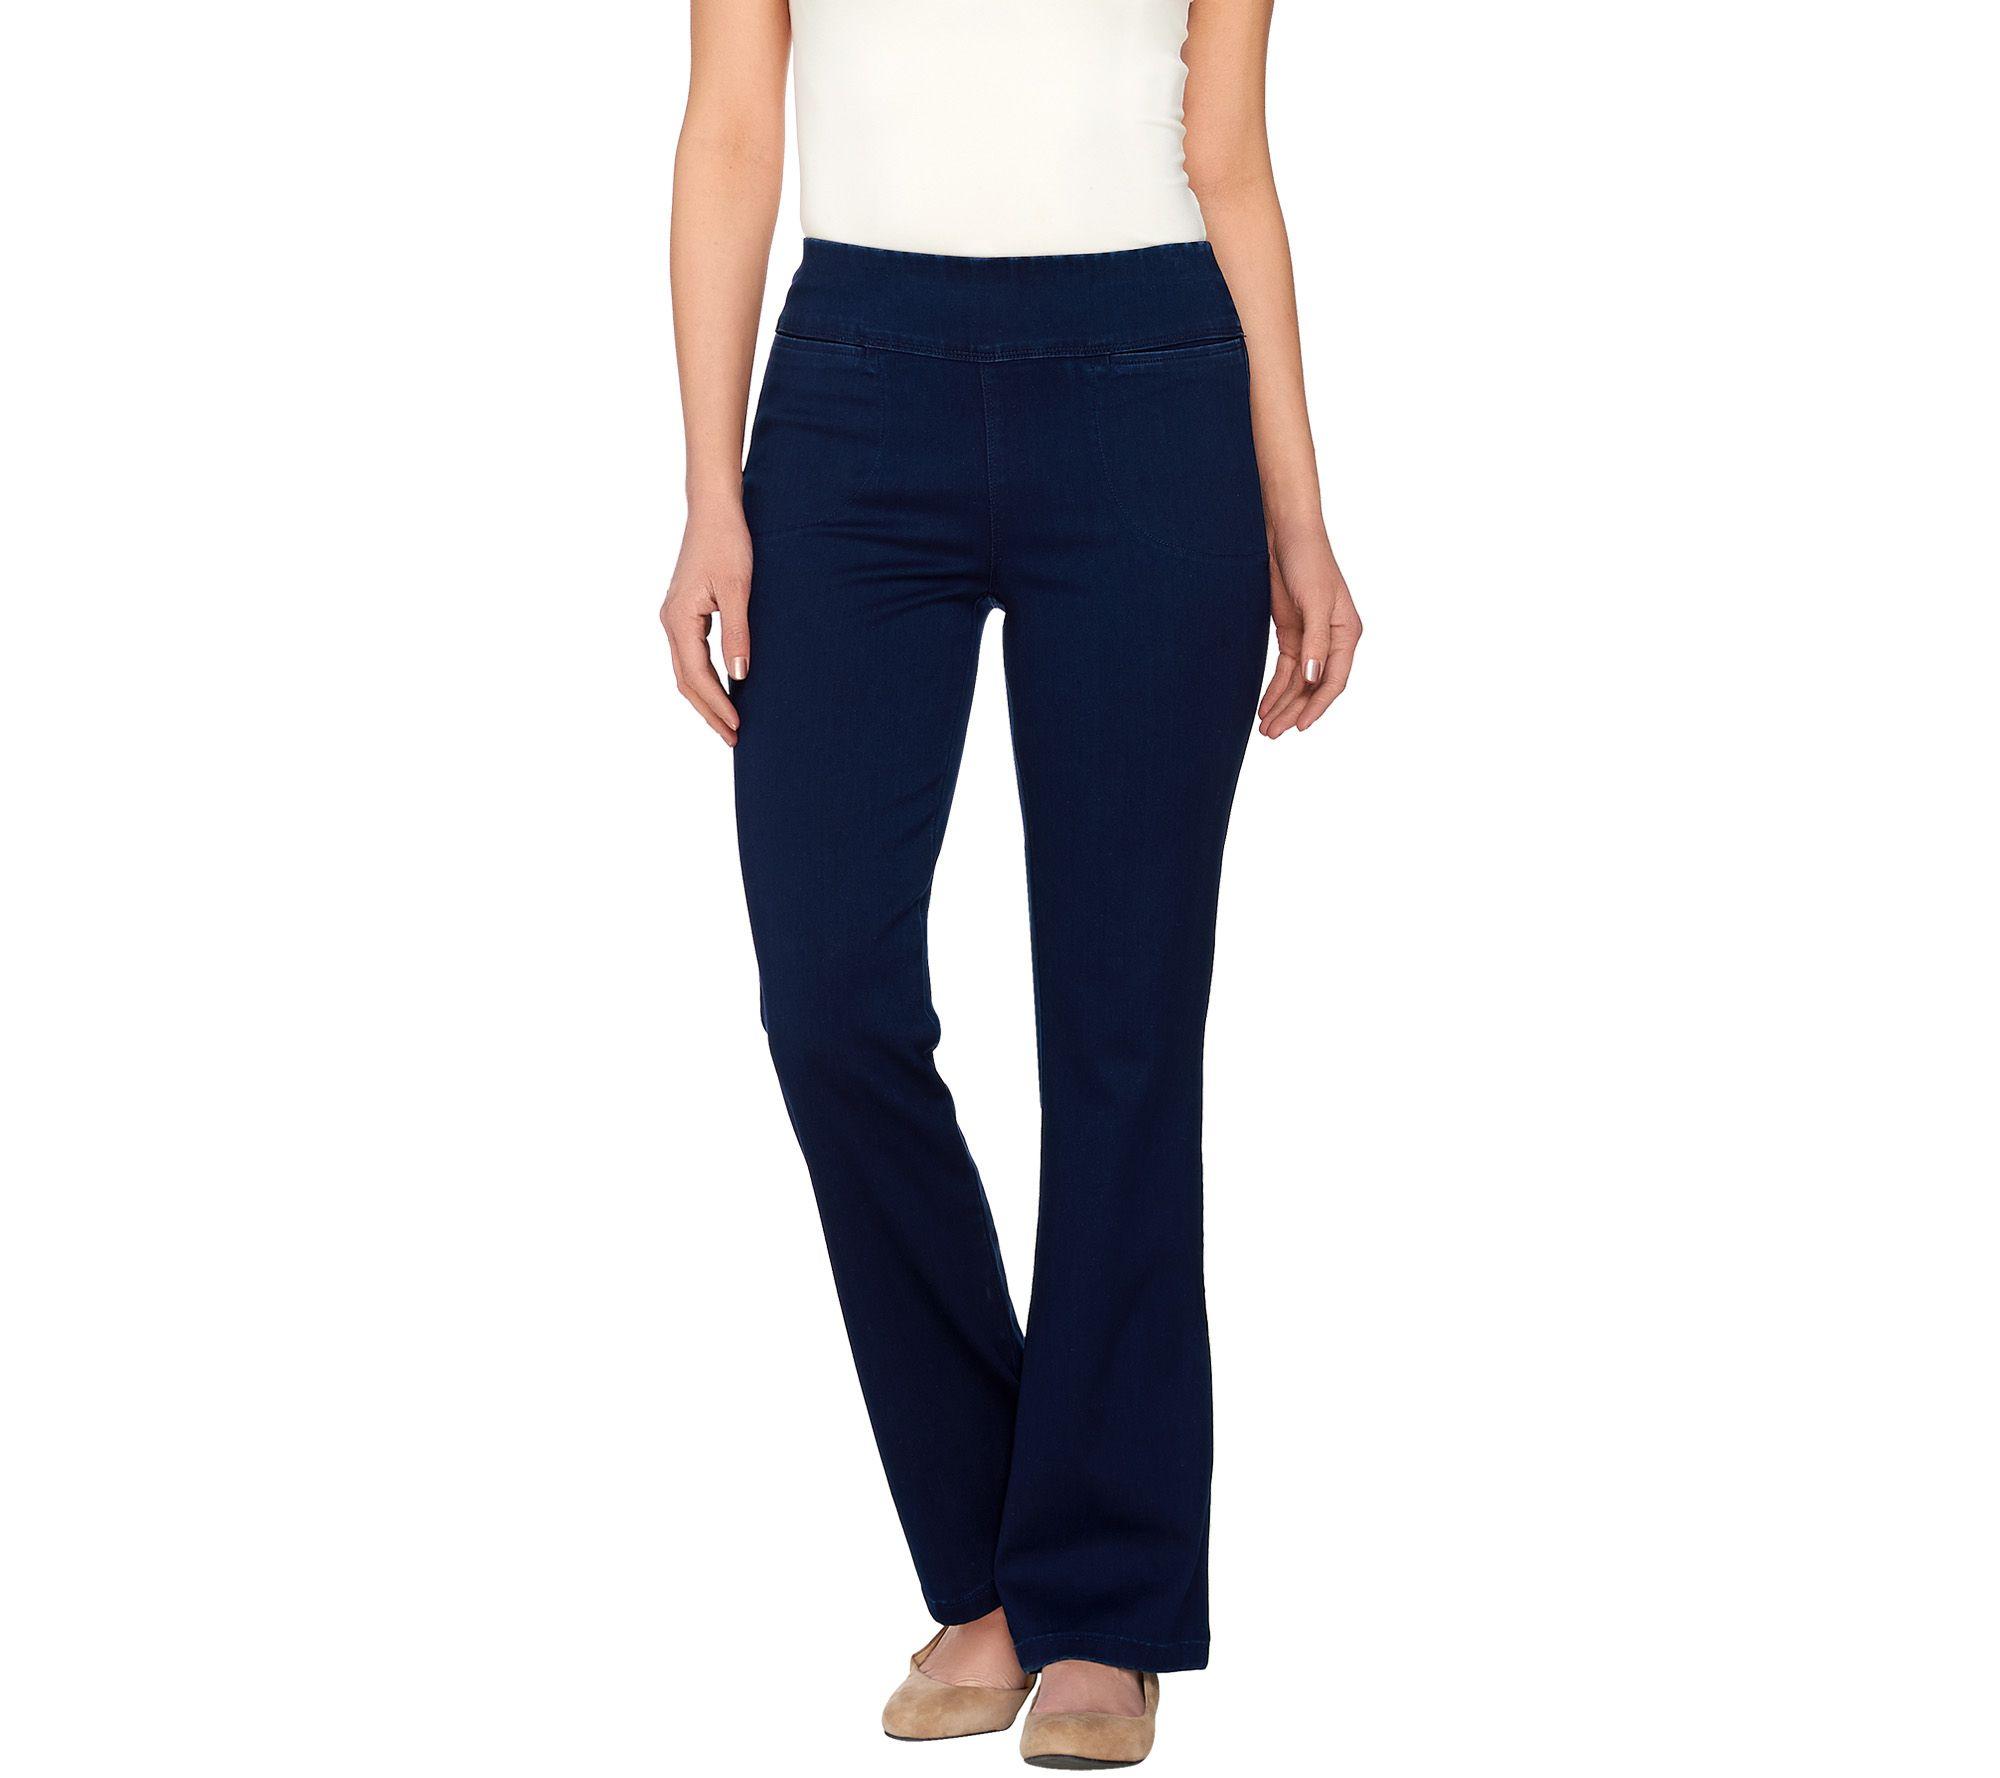 Denim & Co. Active Petite Denim Yoga Pants with Front Pockets ...